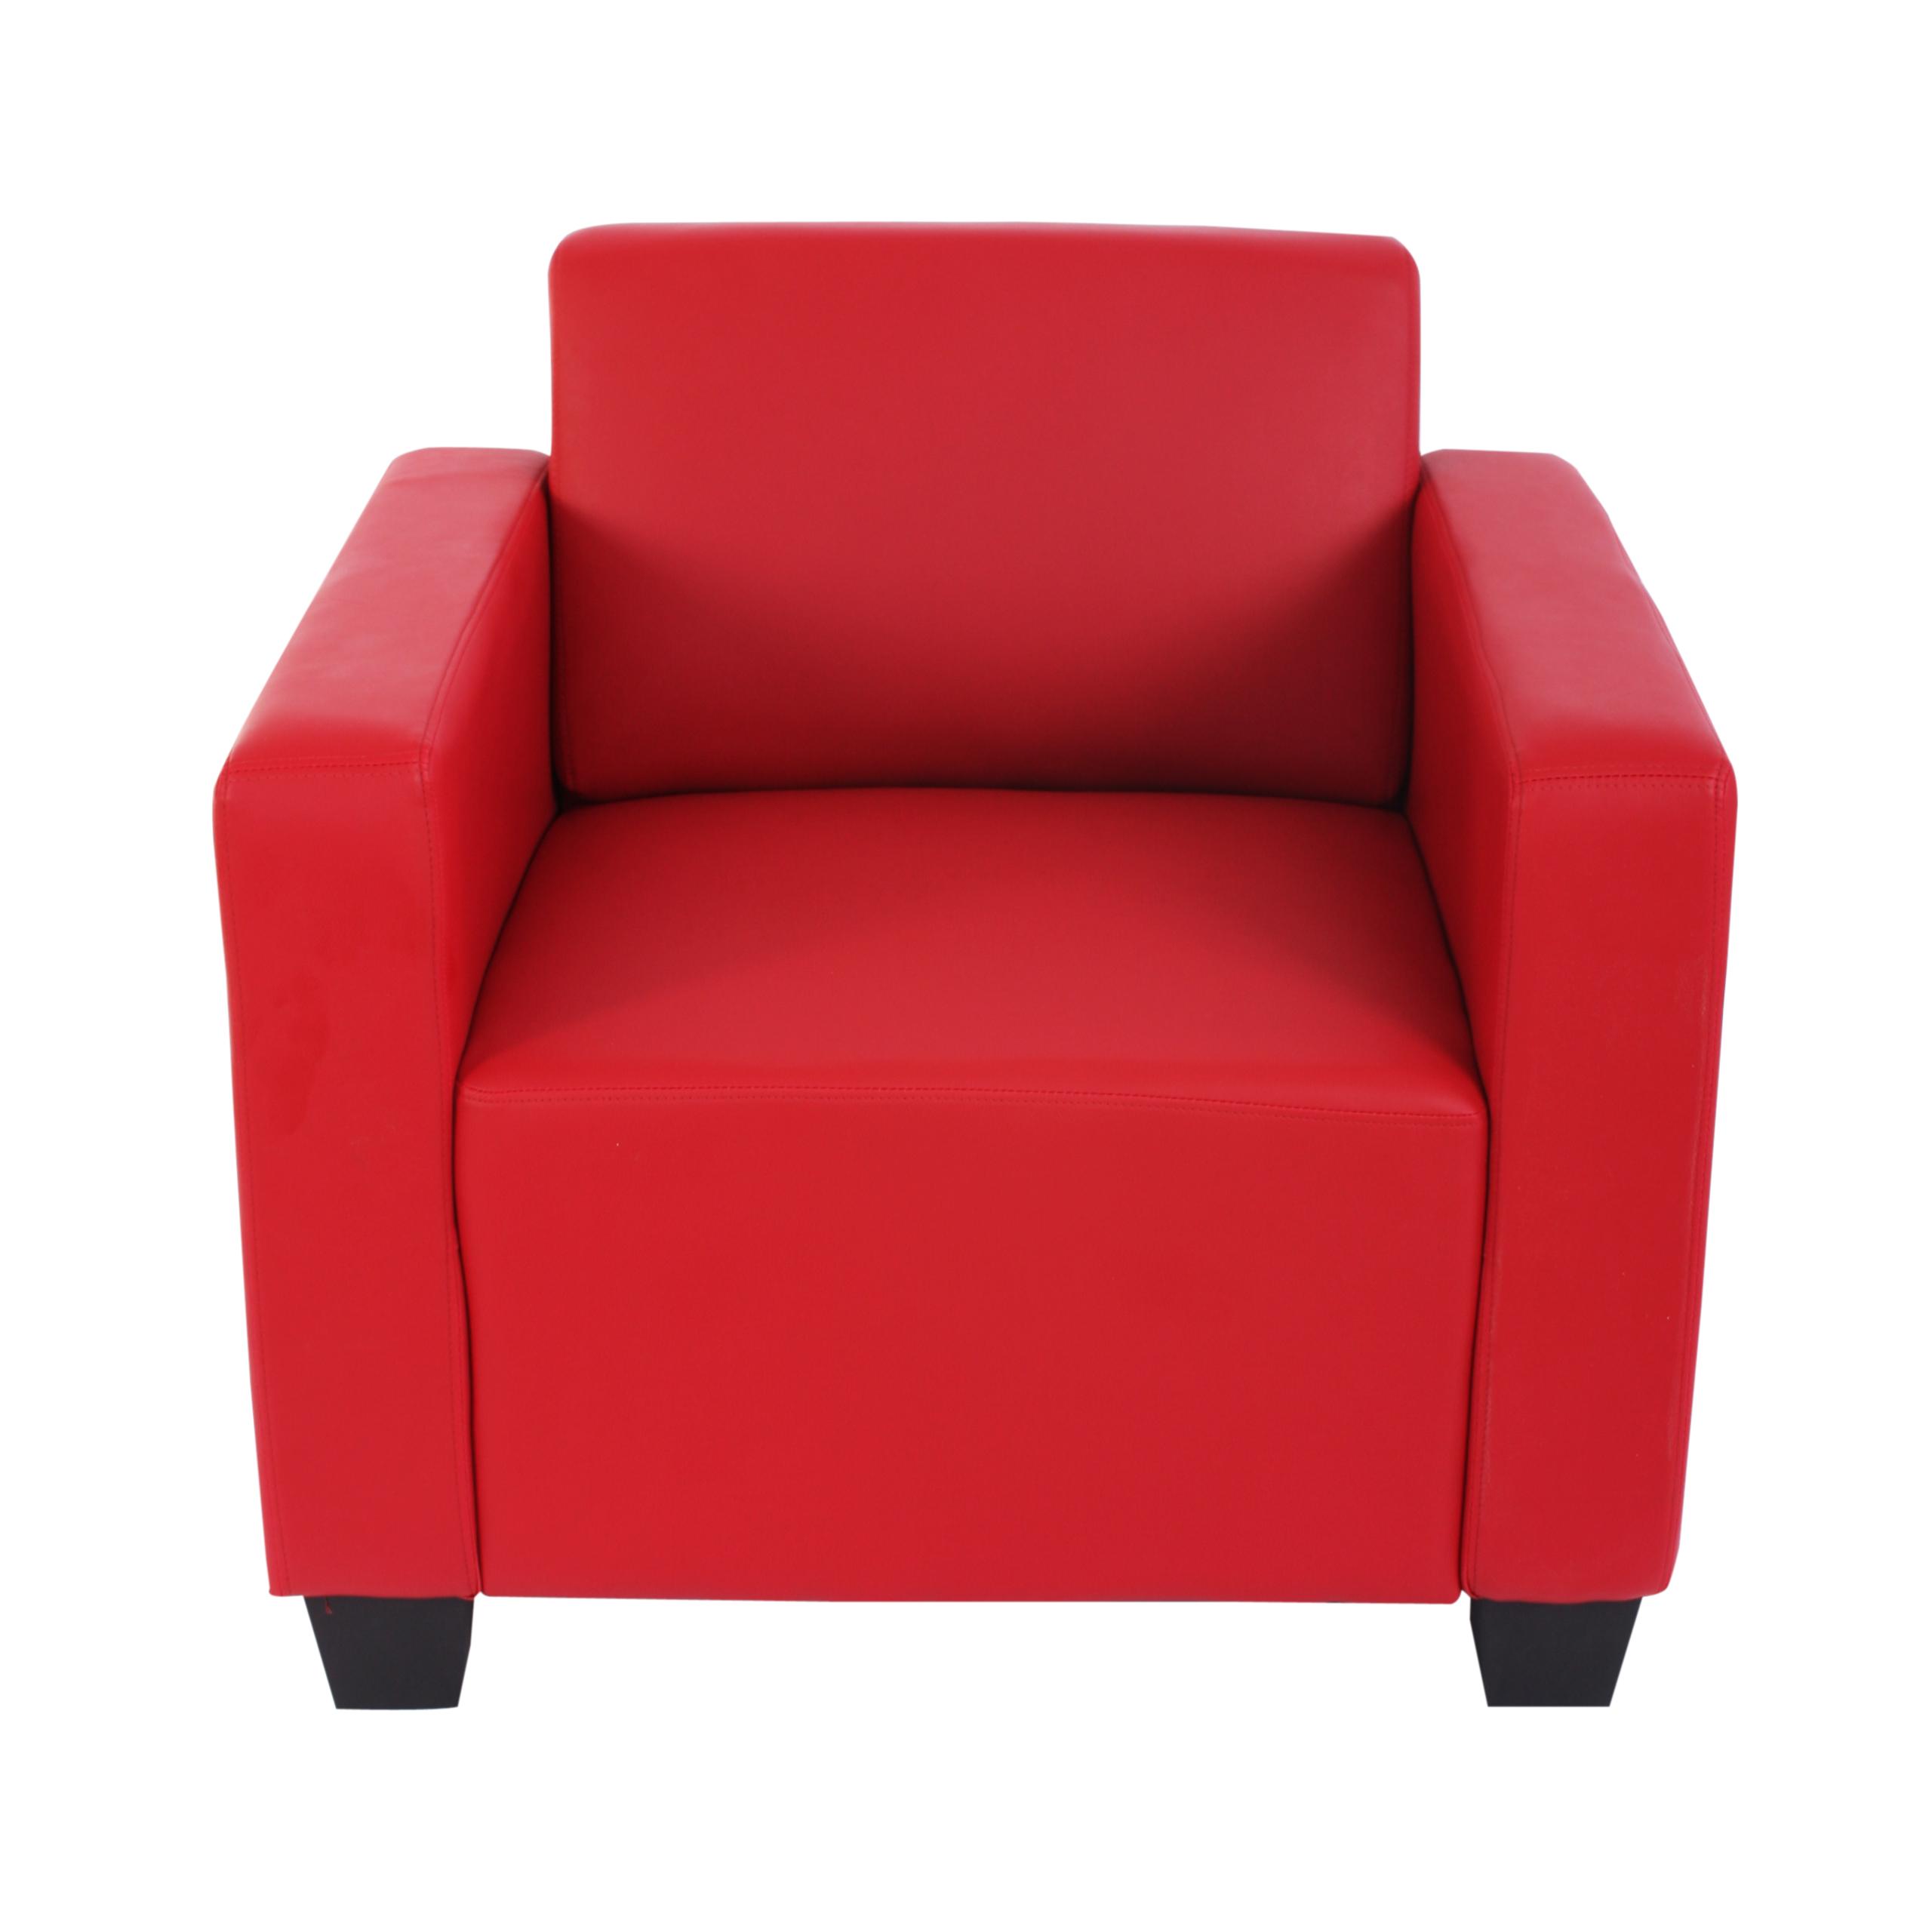 modular sofa system couch garnitur lyon 4 1 kunstleder rot. Black Bedroom Furniture Sets. Home Design Ideas